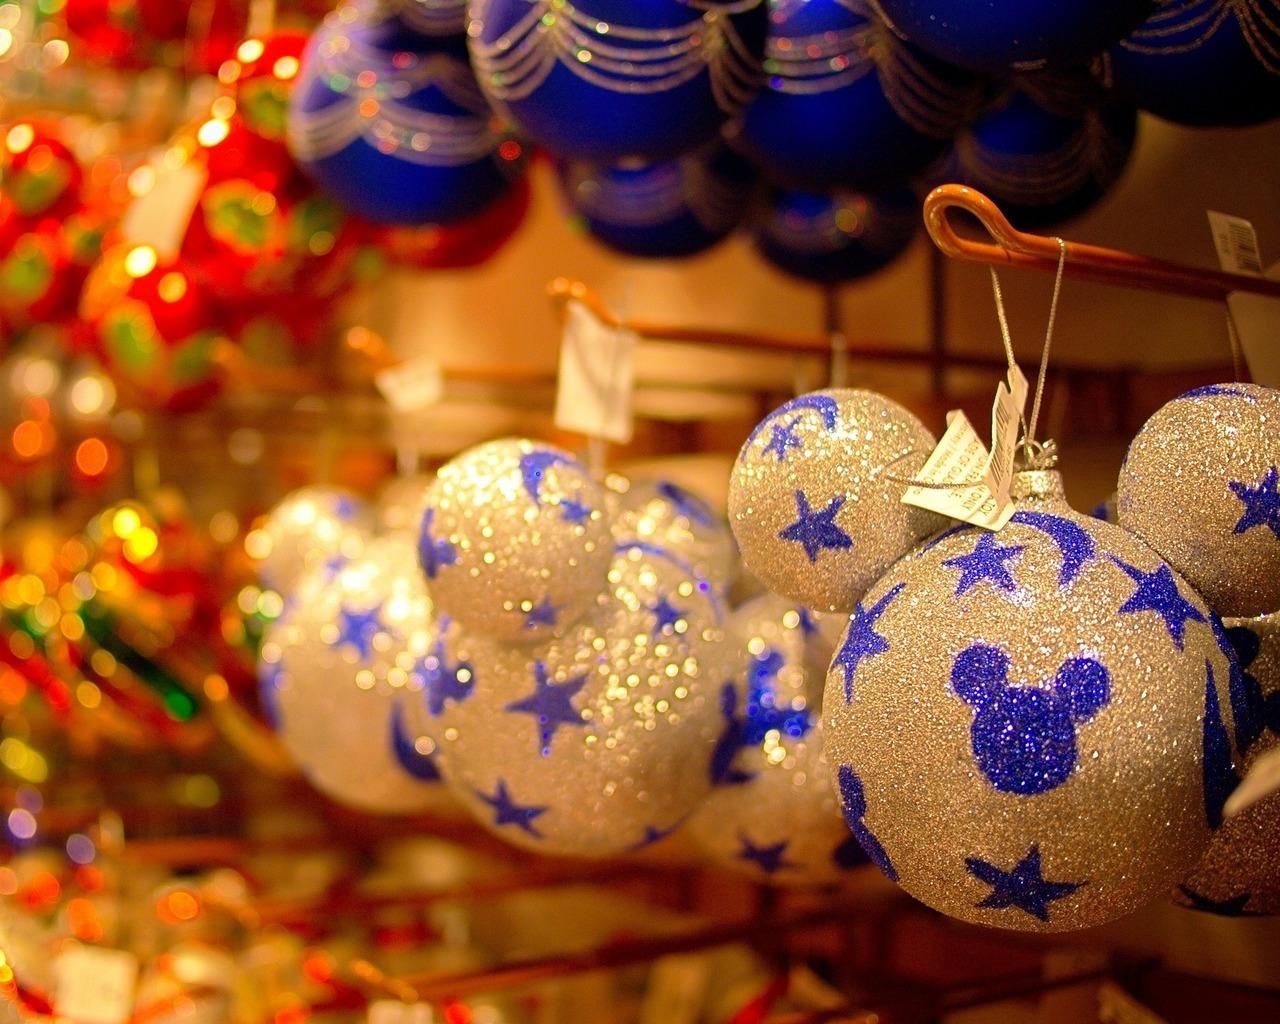 10839 скачать обои Праздники, Новый Год (New Year), Игрушки, Рождество (Christmas, Xmas) - заставки и картинки бесплатно